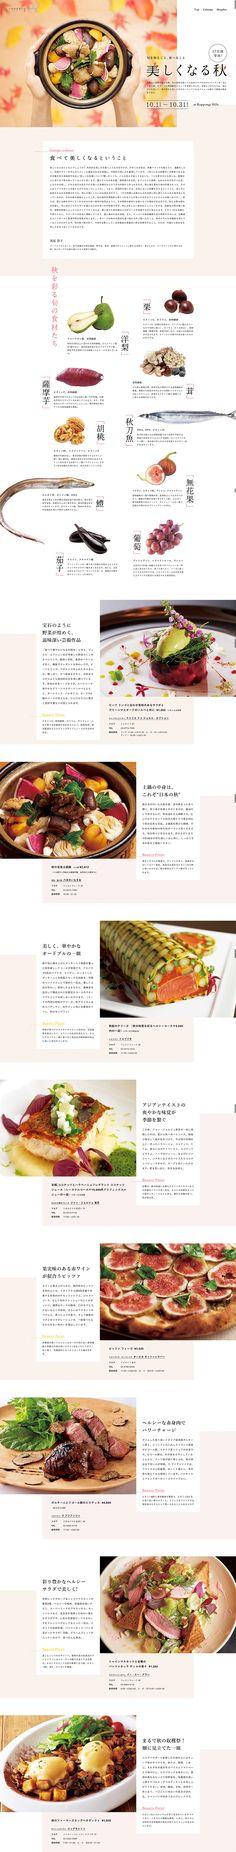 旬を知ること、食べること「美しくなる秋」 - 六本木ヒルズ http://www.roppongihills.com/sp/akiinsyoku/